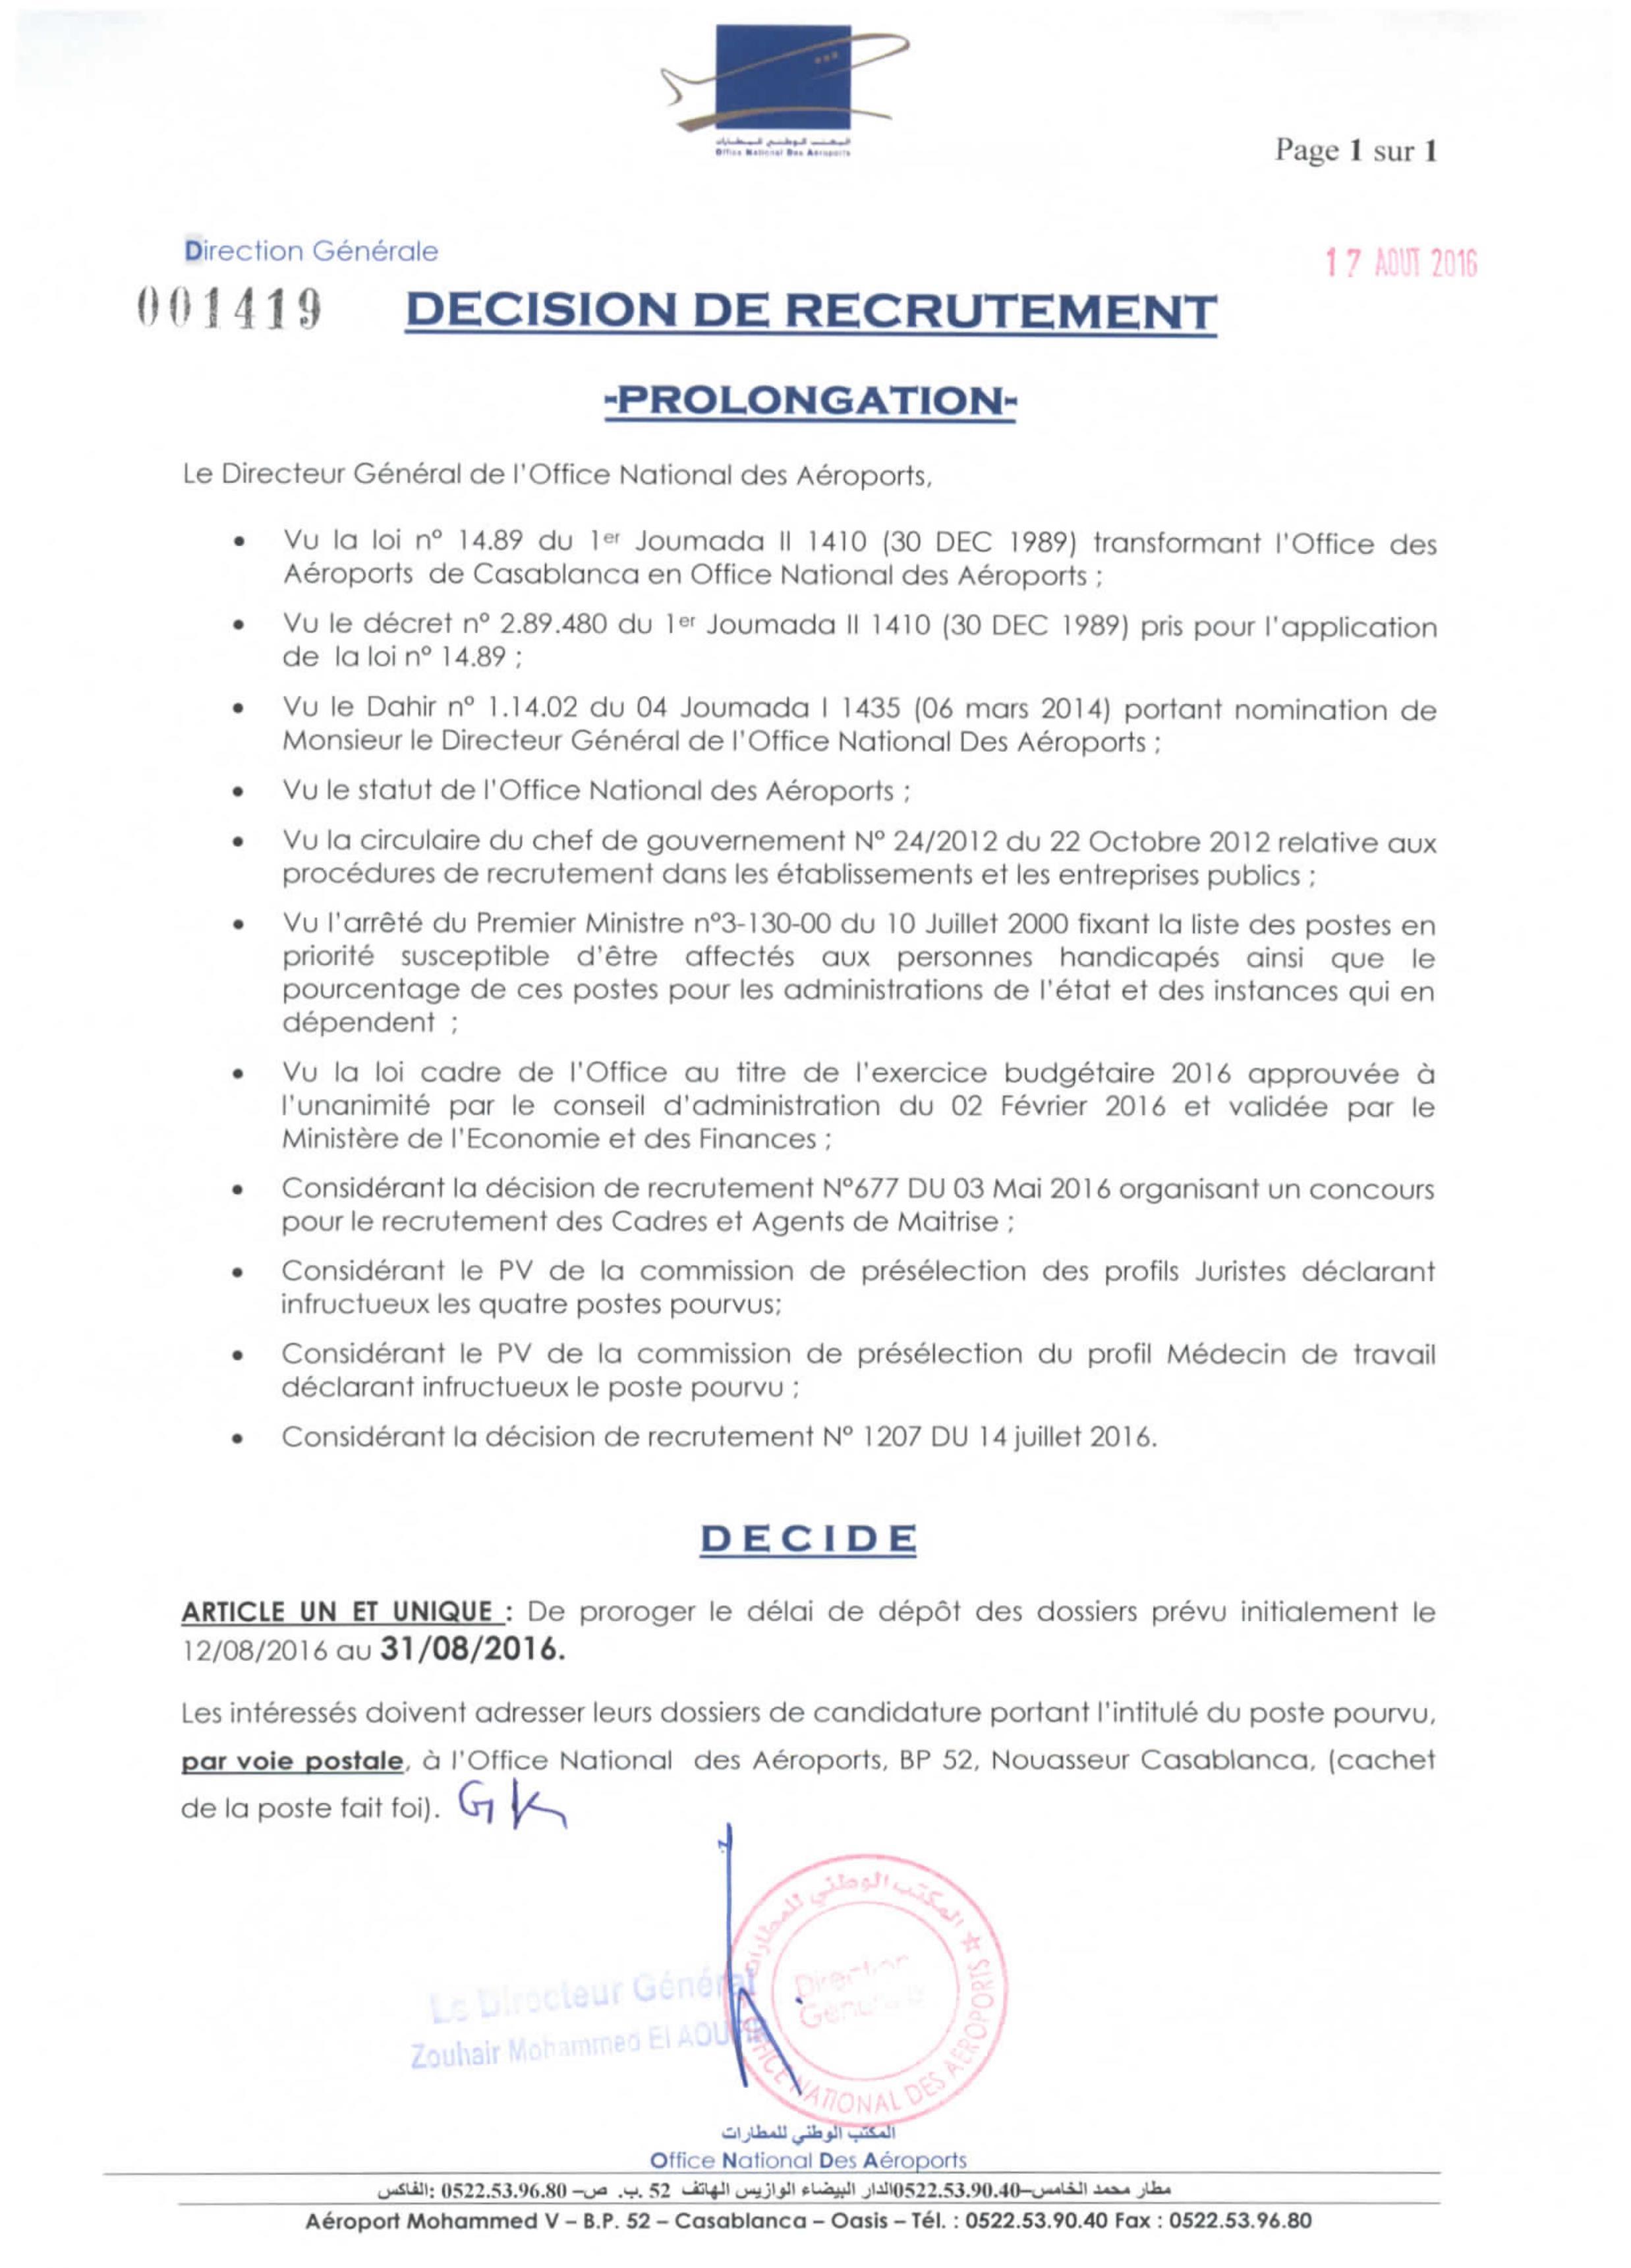 المكتب الوطني للمطارات: مباراة توظيف حاملي الشواهد في القانون - آخر أجل لإيداع الترشيحات :31 غشت 2016